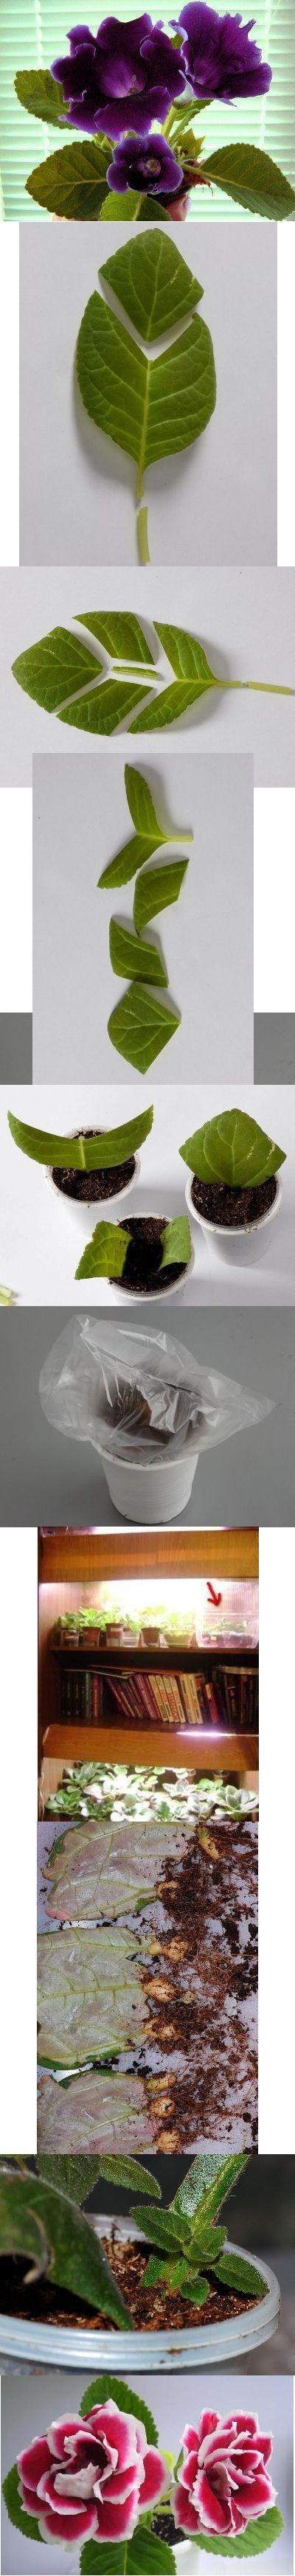 Gloxinia, reprodução e cuidados. Dê uma folha de uma planta, cortada em fragmentos, cada fragmento preparamos substrato  naturalmente fazer os buracos copo para drenagem, colocar em um copo menor de água pingando. Para estufas pode levar o bolo de embalagem, caixa de plástico, ou apenas um saco. Gloxinia não muito exigentes, necessitam o máximo de luz, calor e umidade. Os três componentes que darão resultado. Cerca de um mês, esperar o enraizamento. Enraizado mudas, podem plantar.: